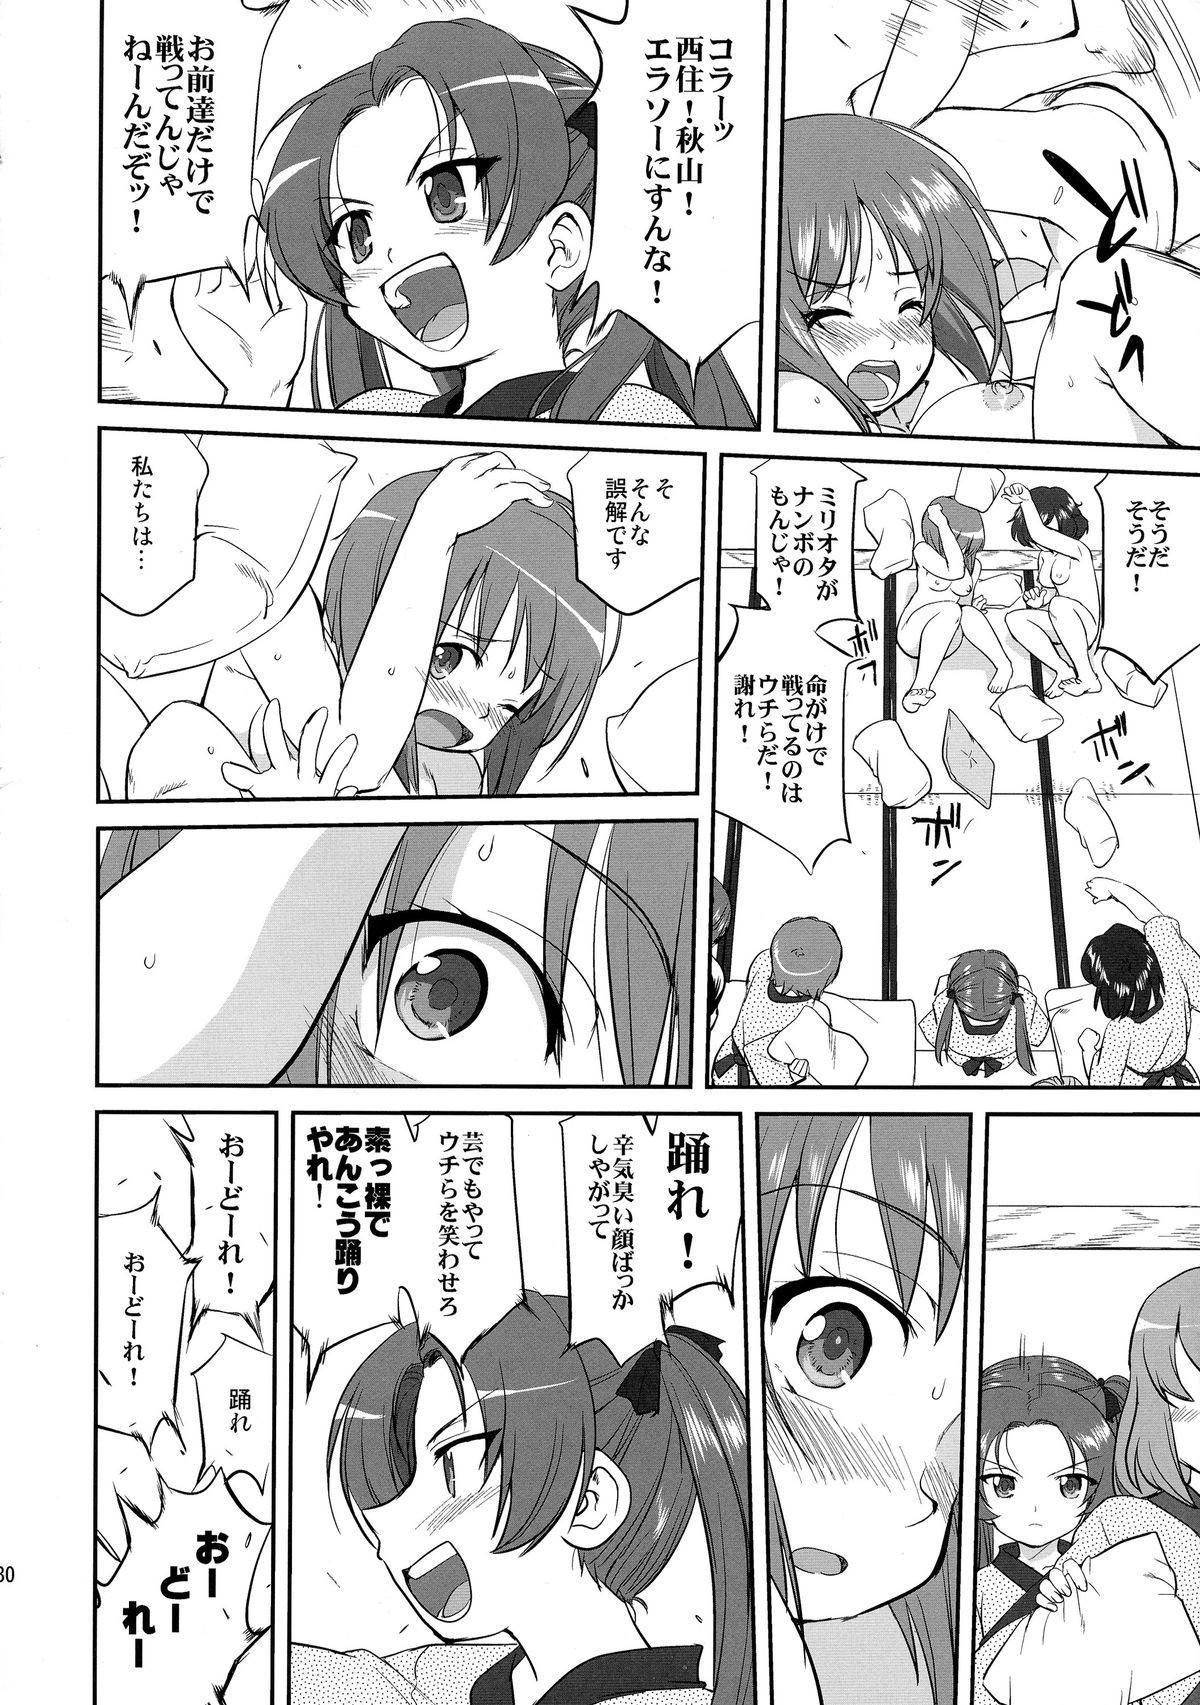 Yukiyukite Senshadou Battle of Pravda 29